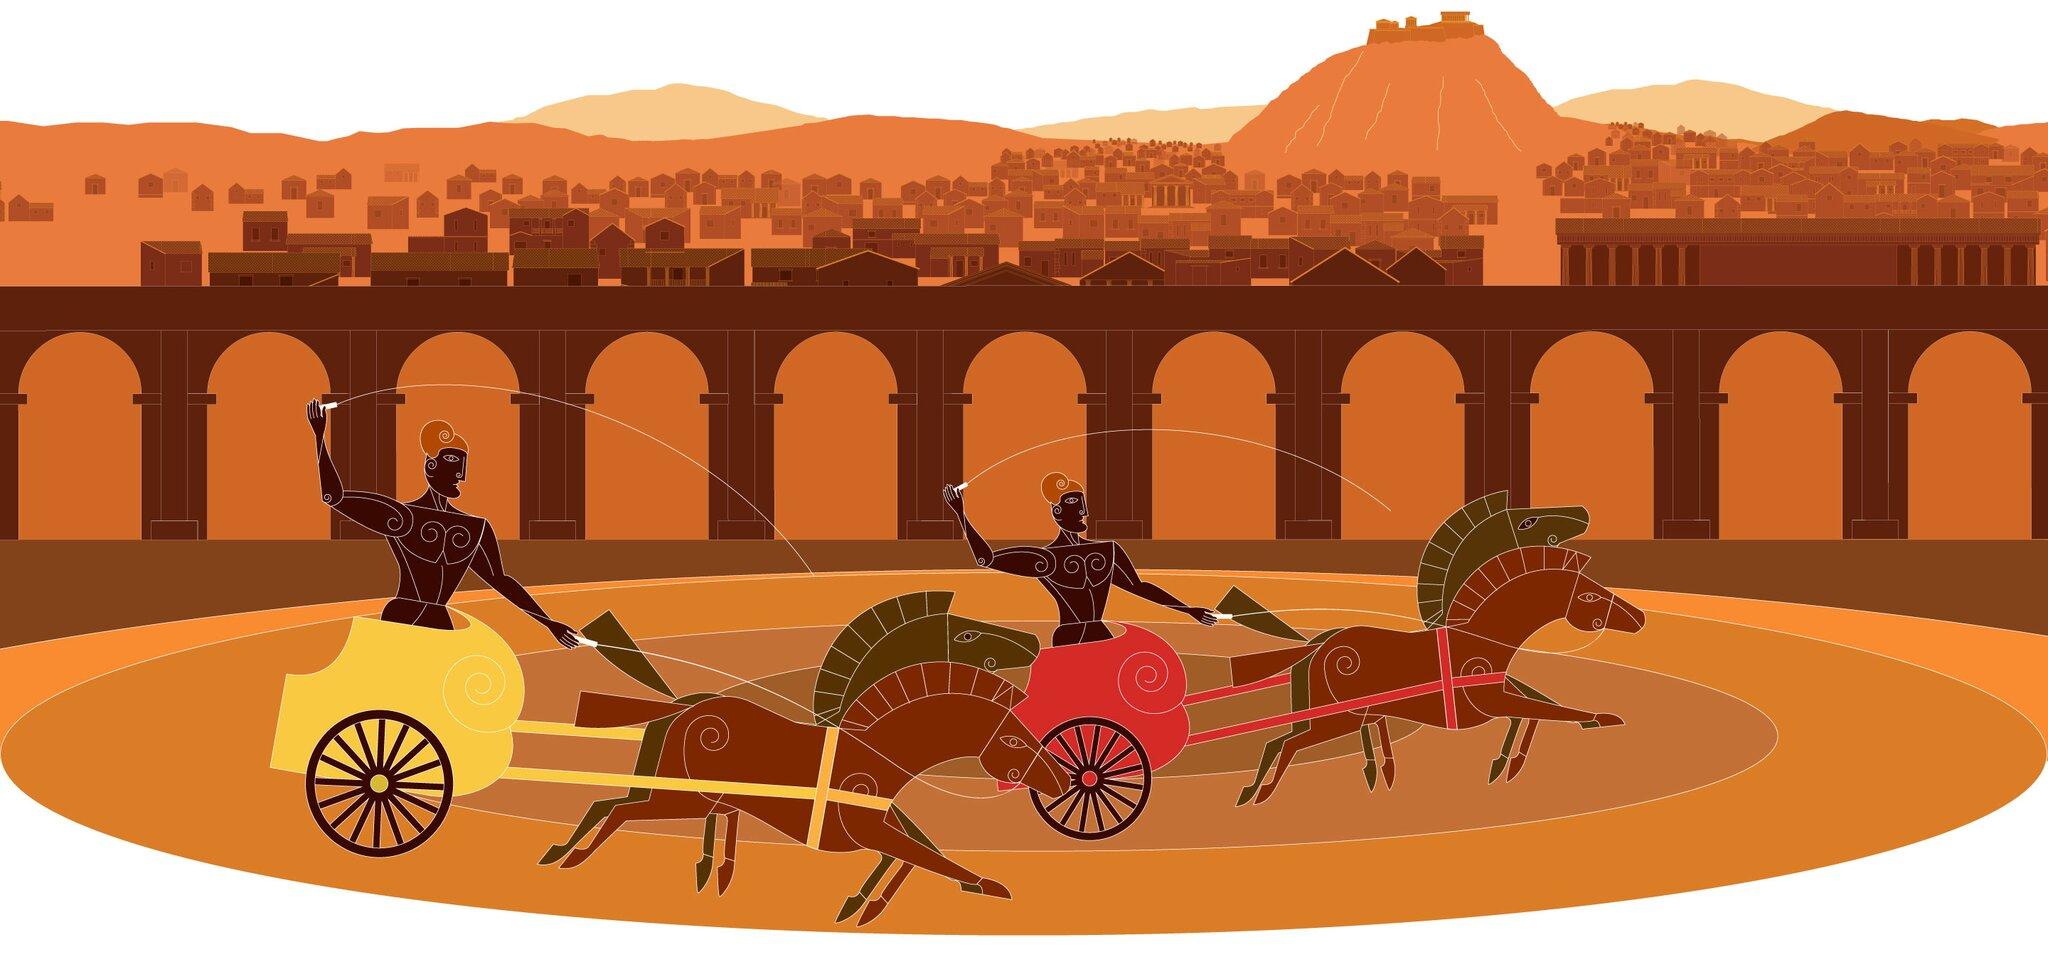 Wyścig rydwanów Wyścig rydwanów Źródło: Contentplus.pl Sp. zo.o., licencja: CC BY 3.0.